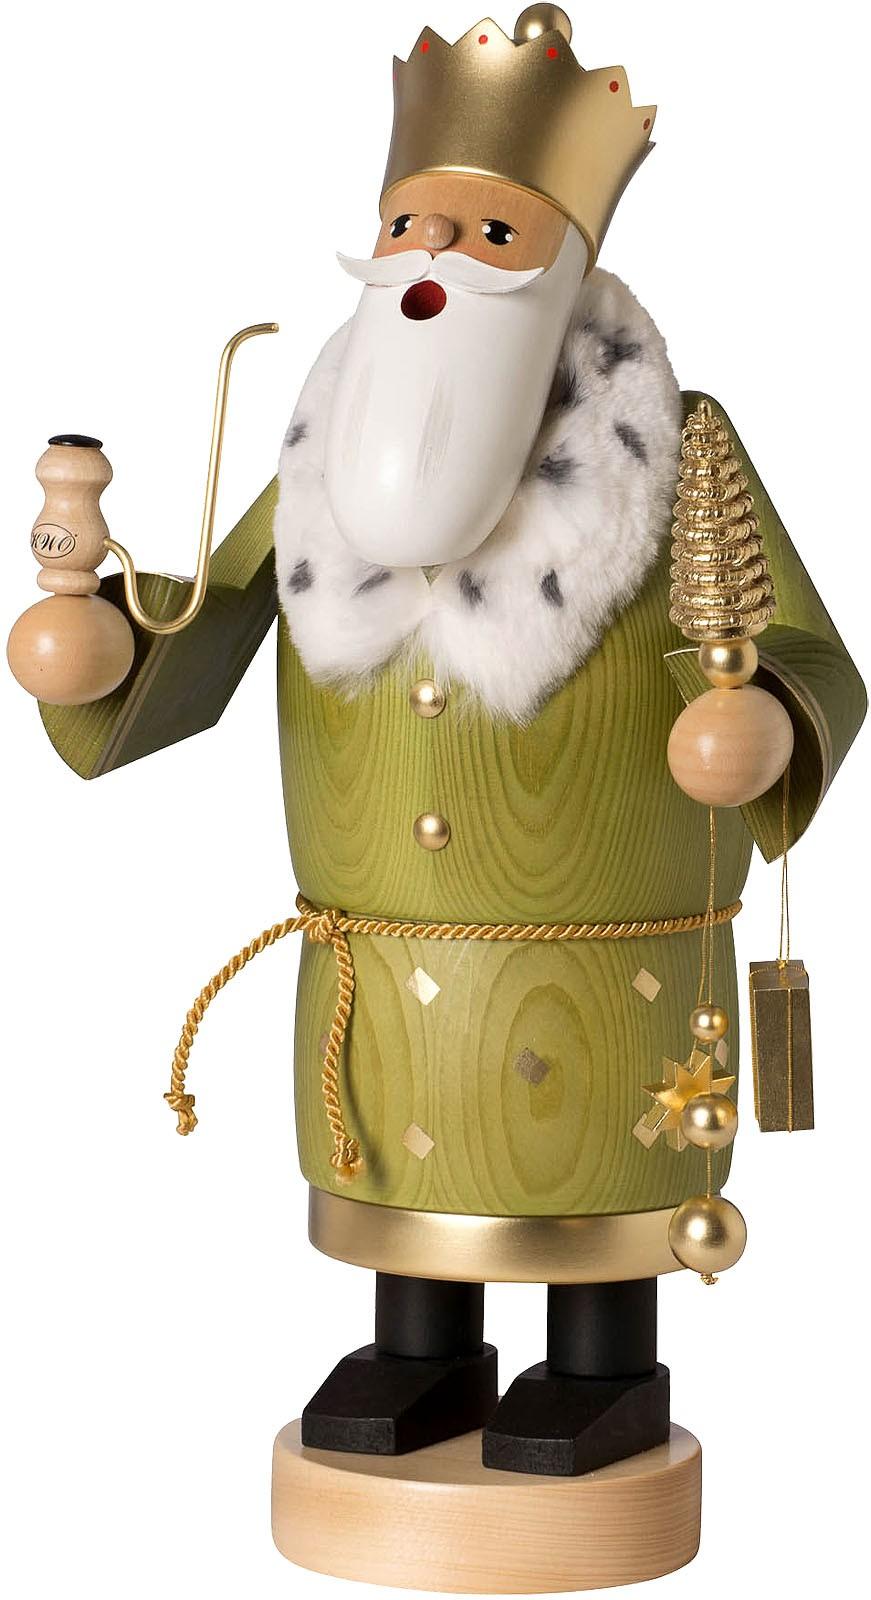 Räuchermann Heilige Drei Könige Balthasar, groß -die Bärtigen-